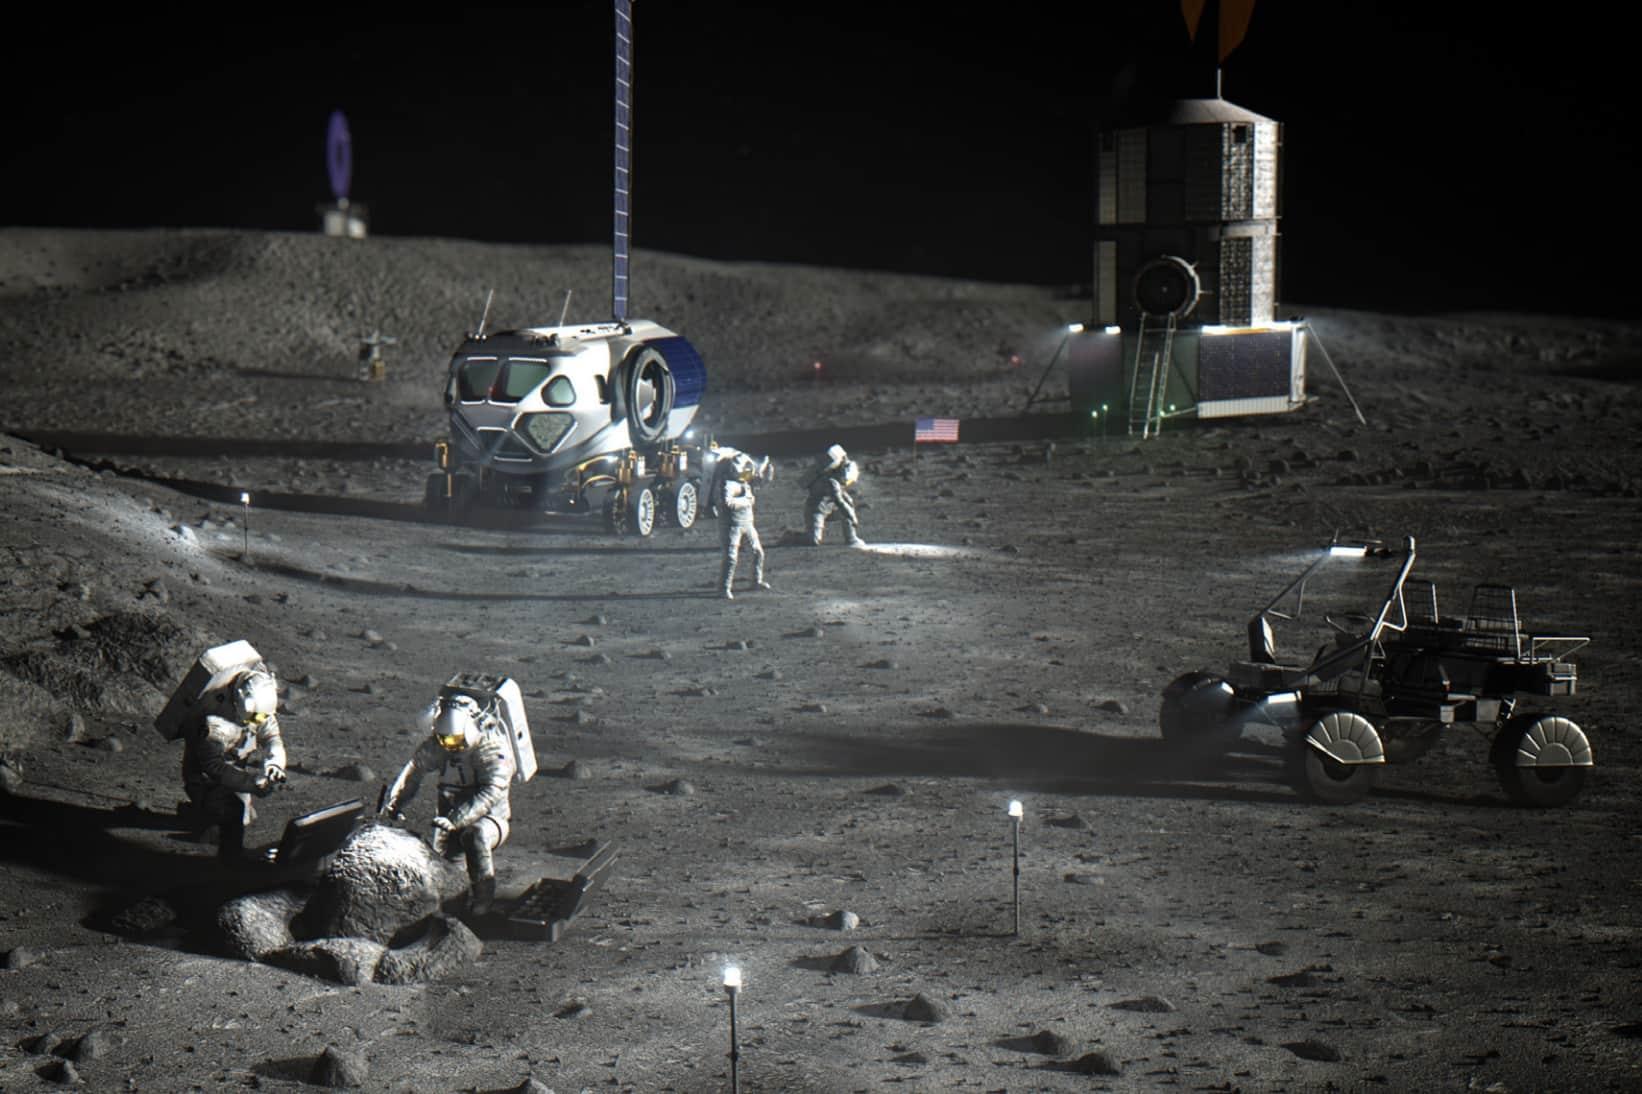 NASA công bố giá đưa con người đổ bộ Mặt Trăng năm 2024: 28 tỷ USD